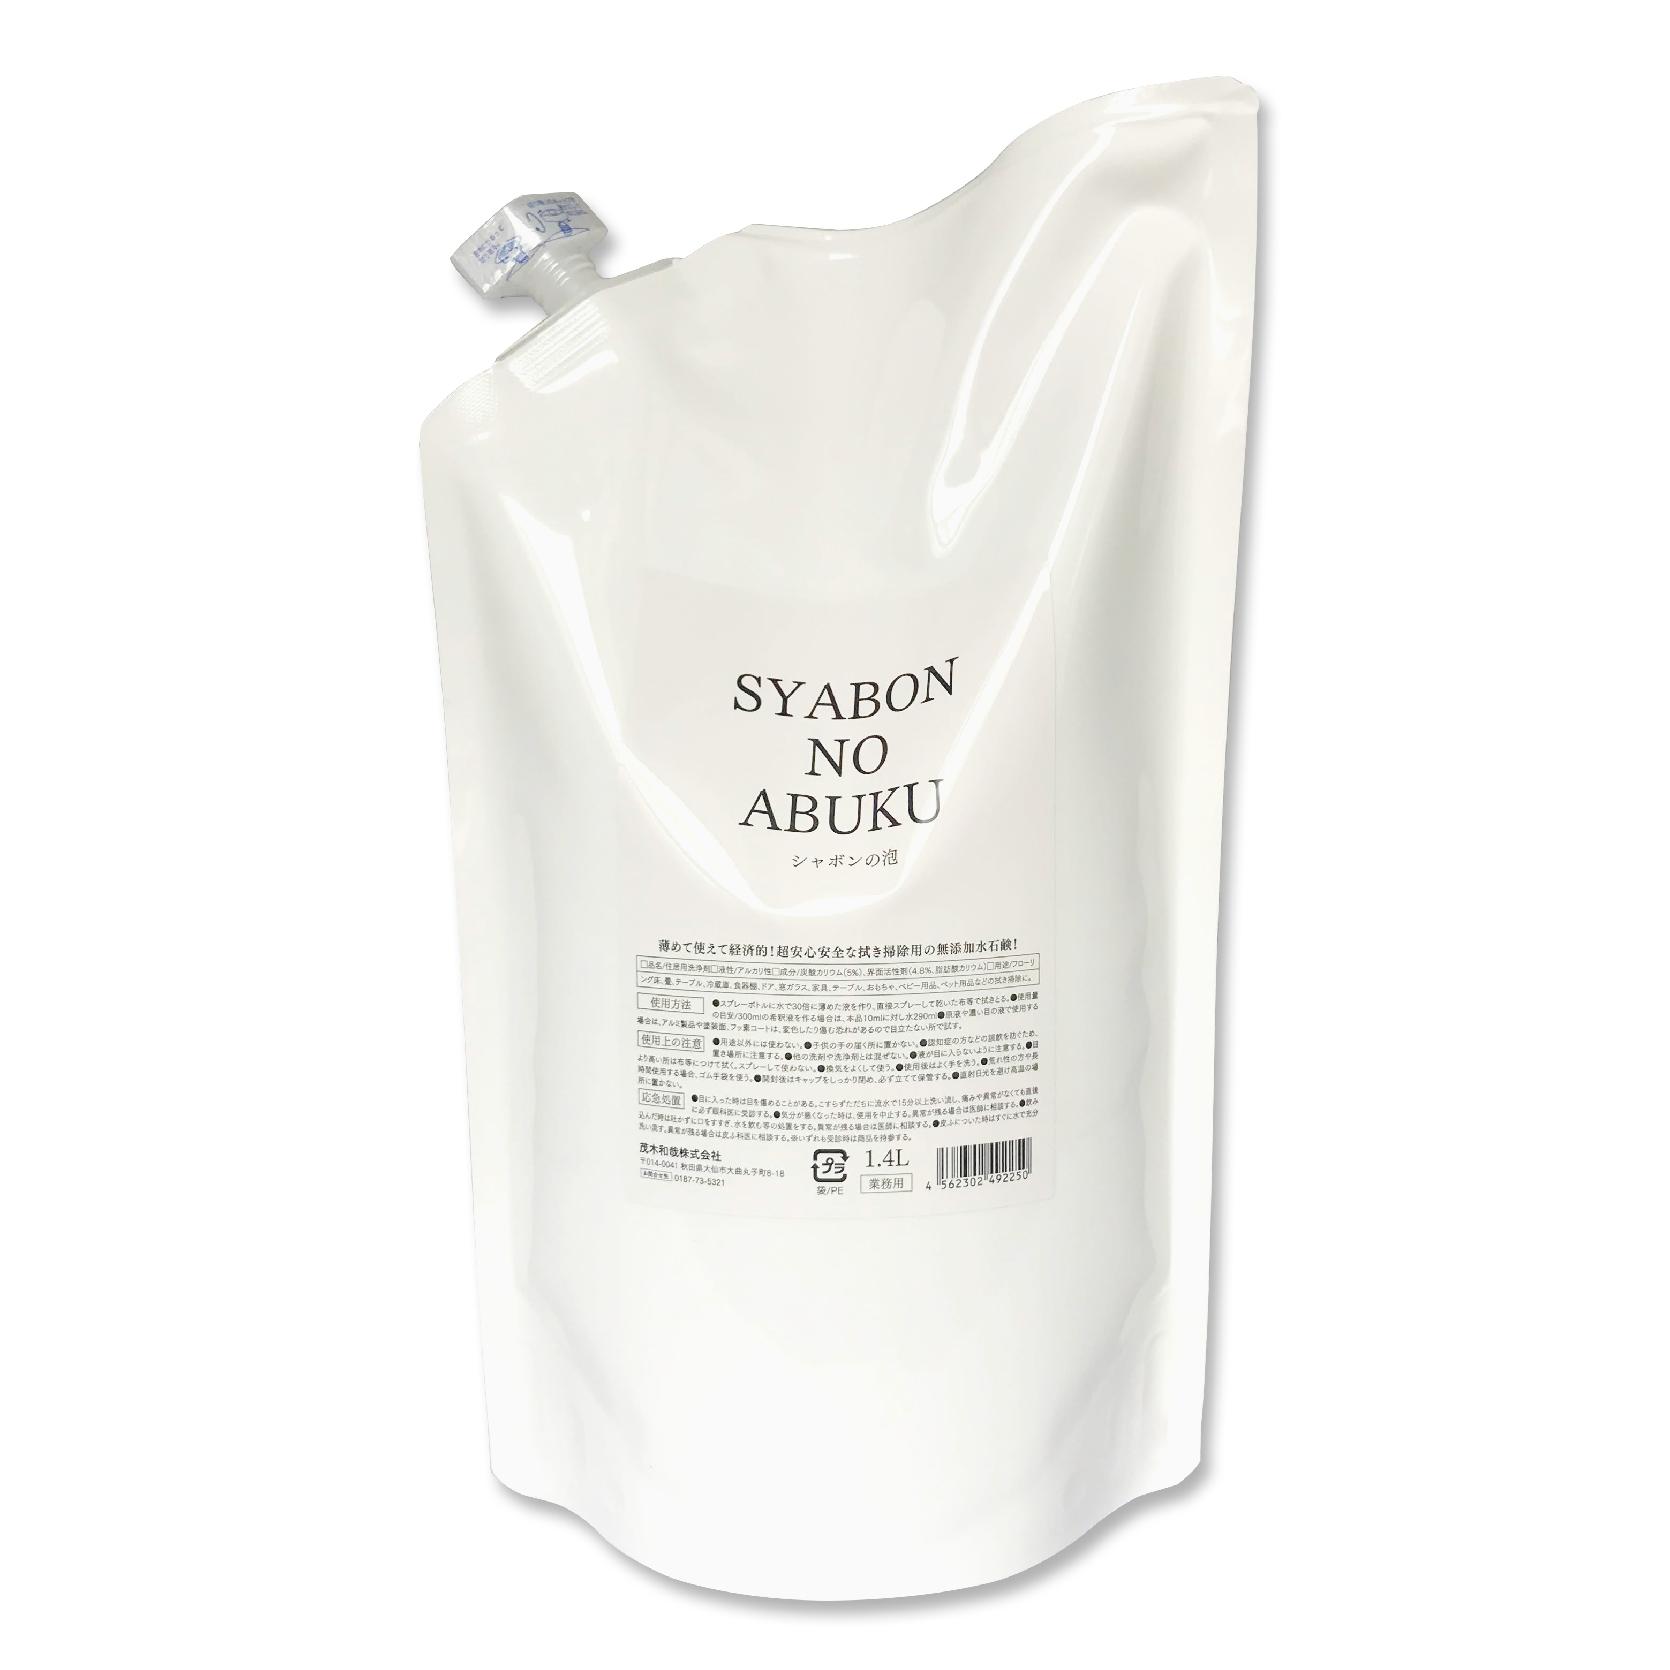 薄めて使えて経済的 男女兼用 安心安全な拭き掃除用の無添加水石鹸 1.4L ラッピング無料 シャボンの泡